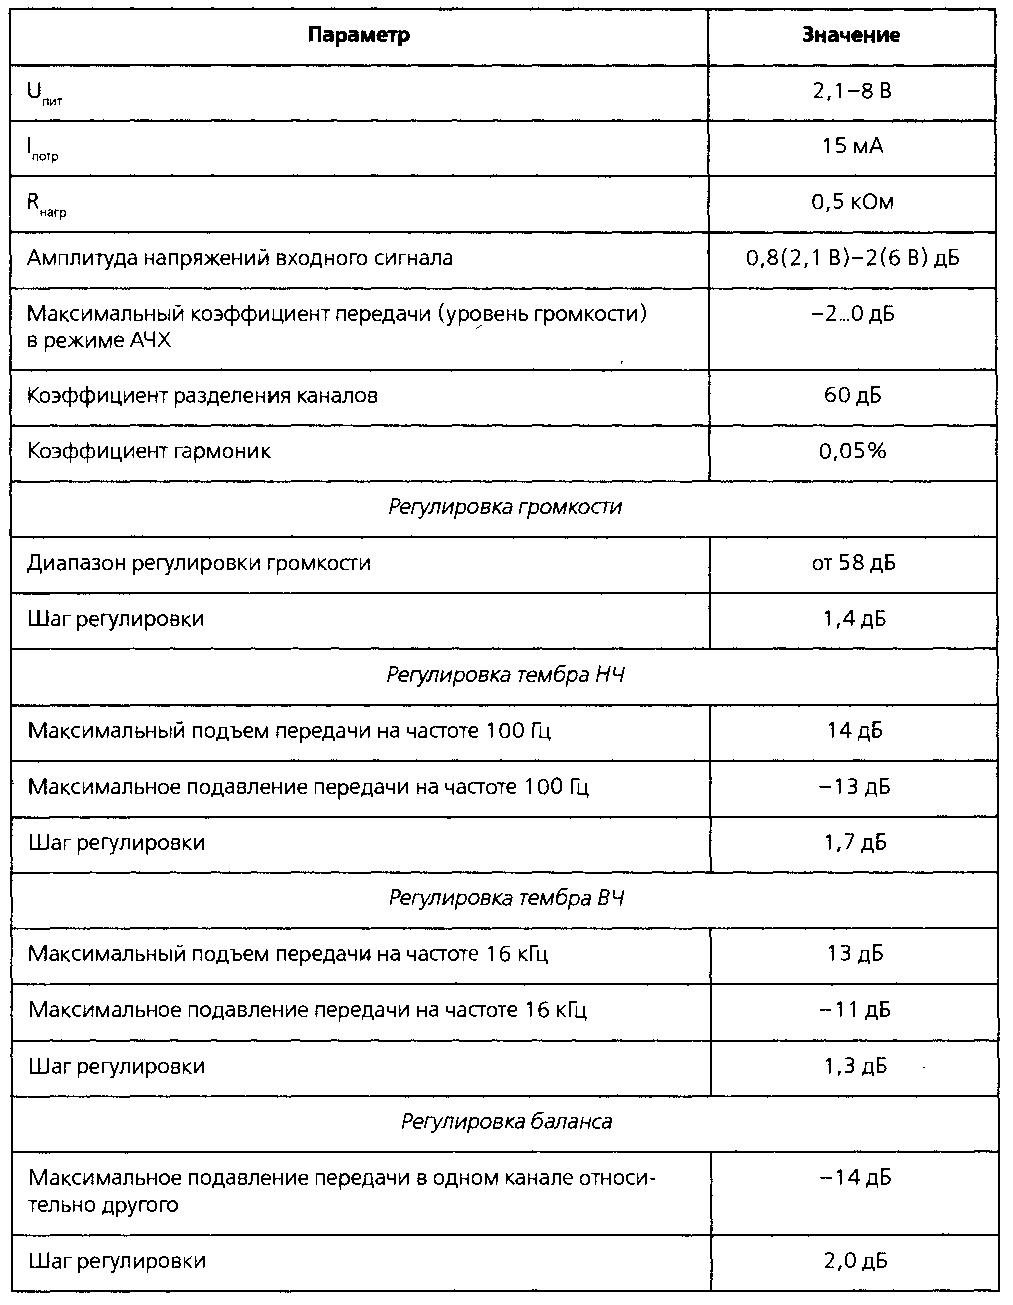 Основные технические характеристики микросхемы KP174XA54